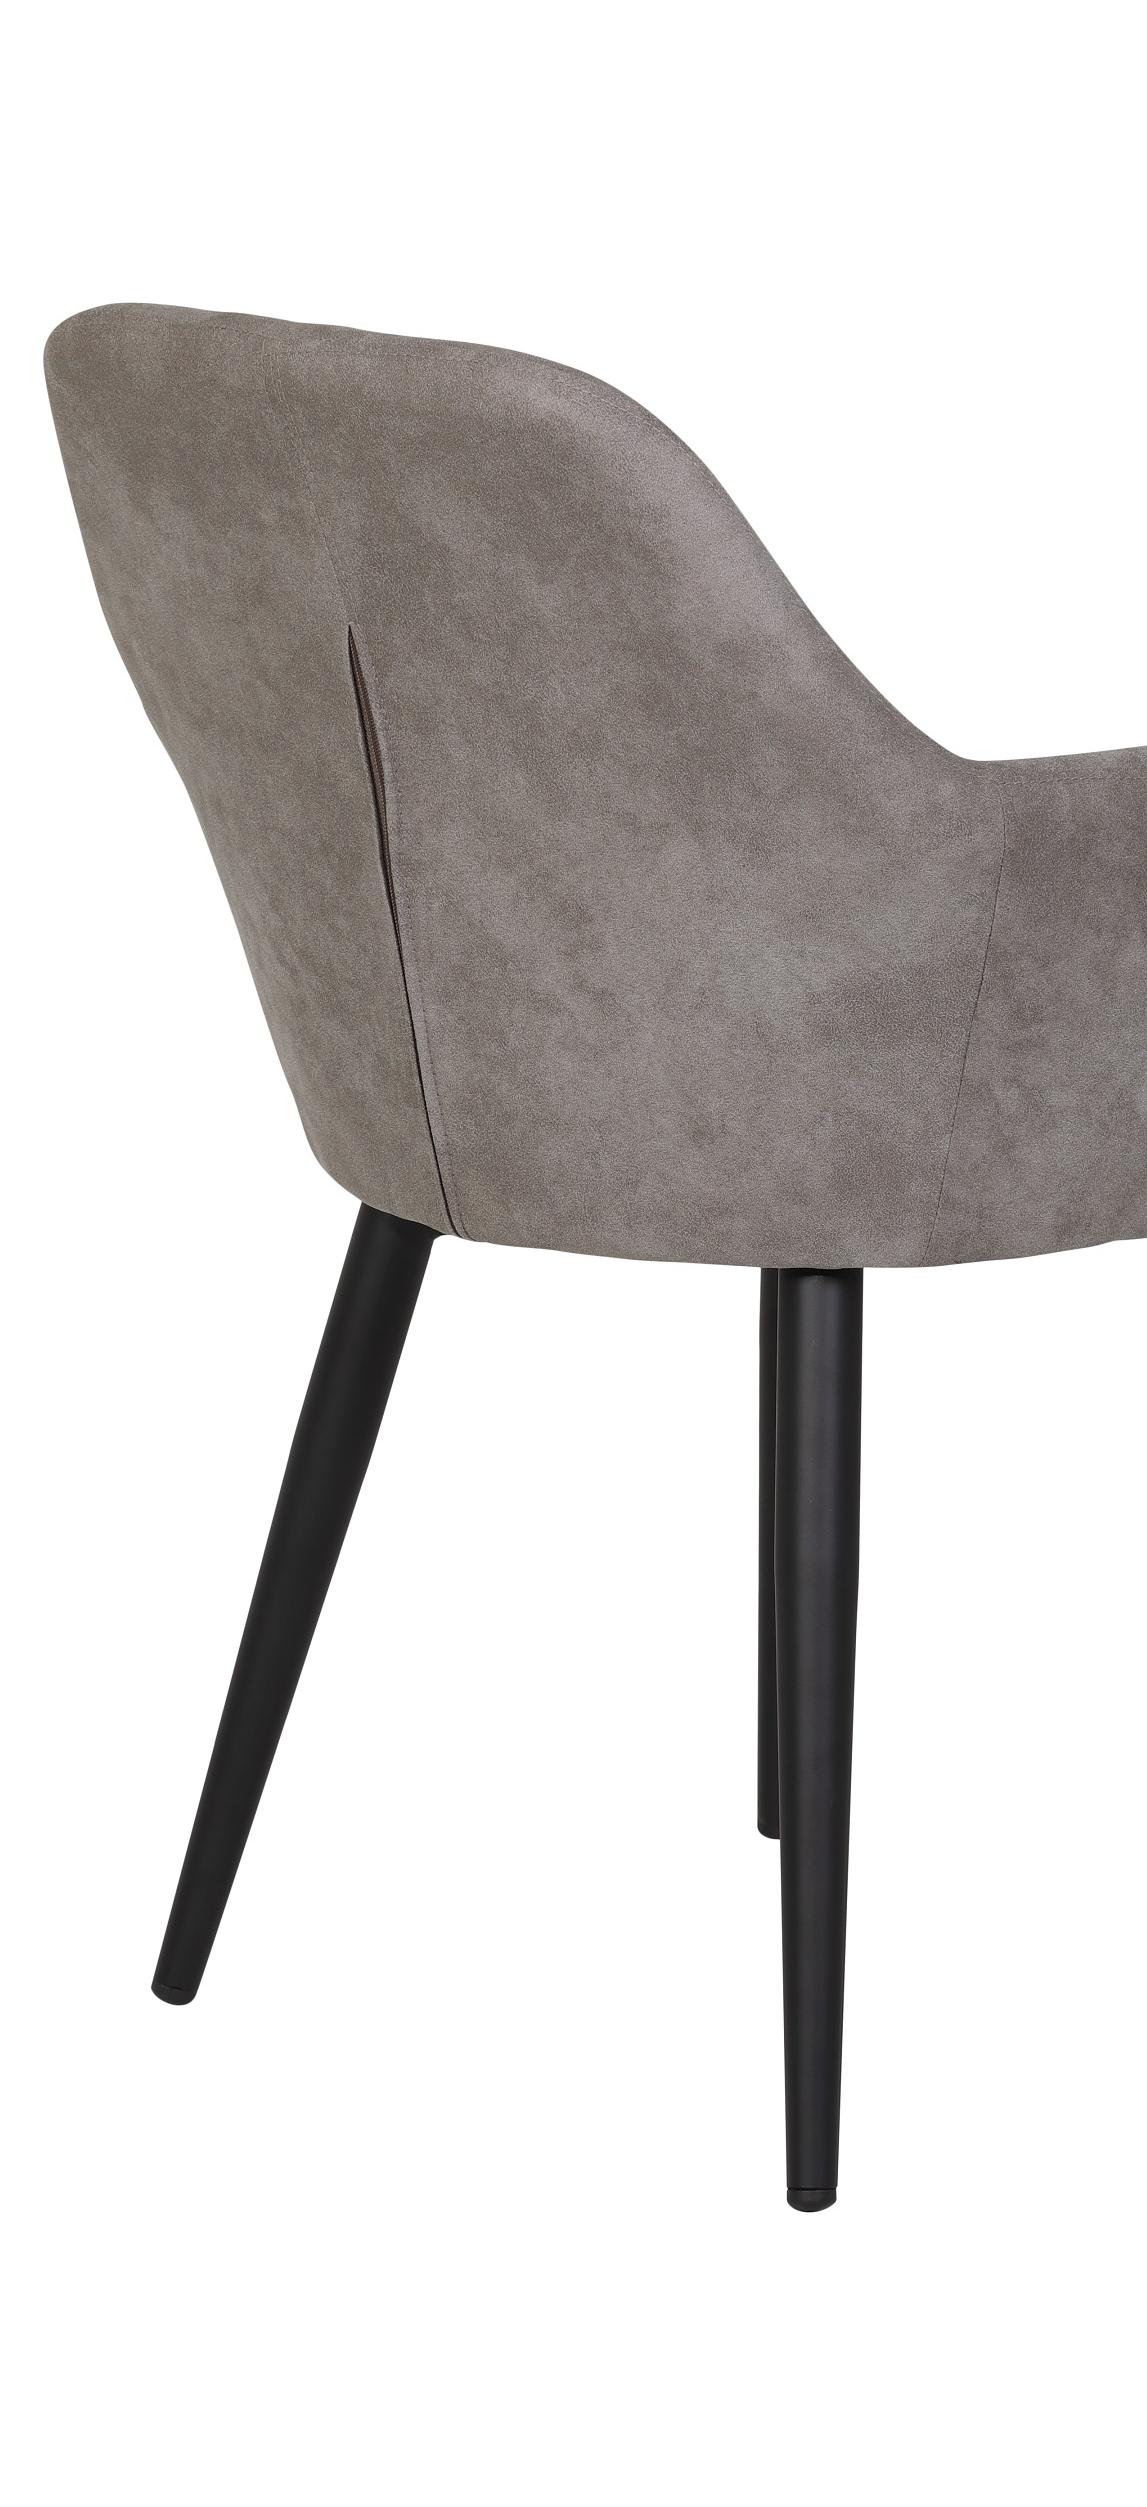 8  Stühle=Set Stuhl Küchenstuhl Wohnzimmerstuhl Sessel Roberta 50 Microfaser Grau